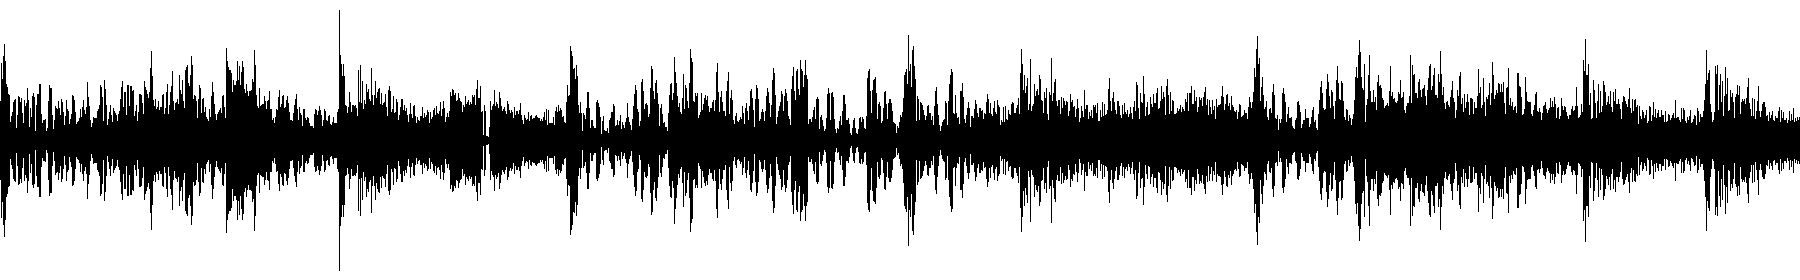 blbc jazzydrum analogmush 130 04